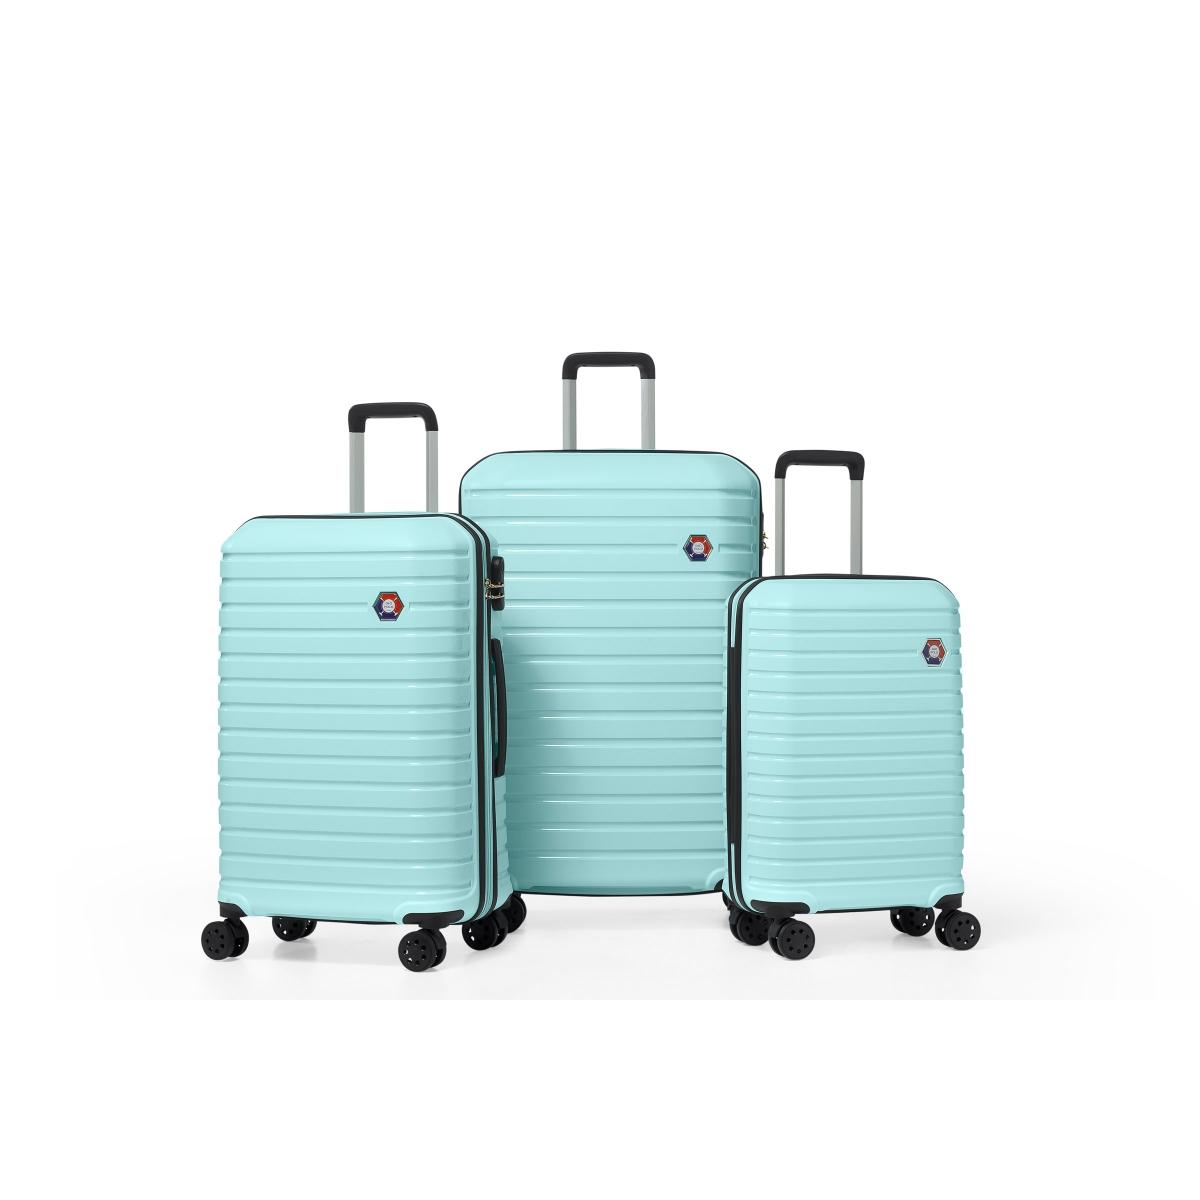 G&D Polo Suitcase PP Enjeksiyon 3'lü Valiz Seyahat Seti - Model 400.07 Su Yeşili